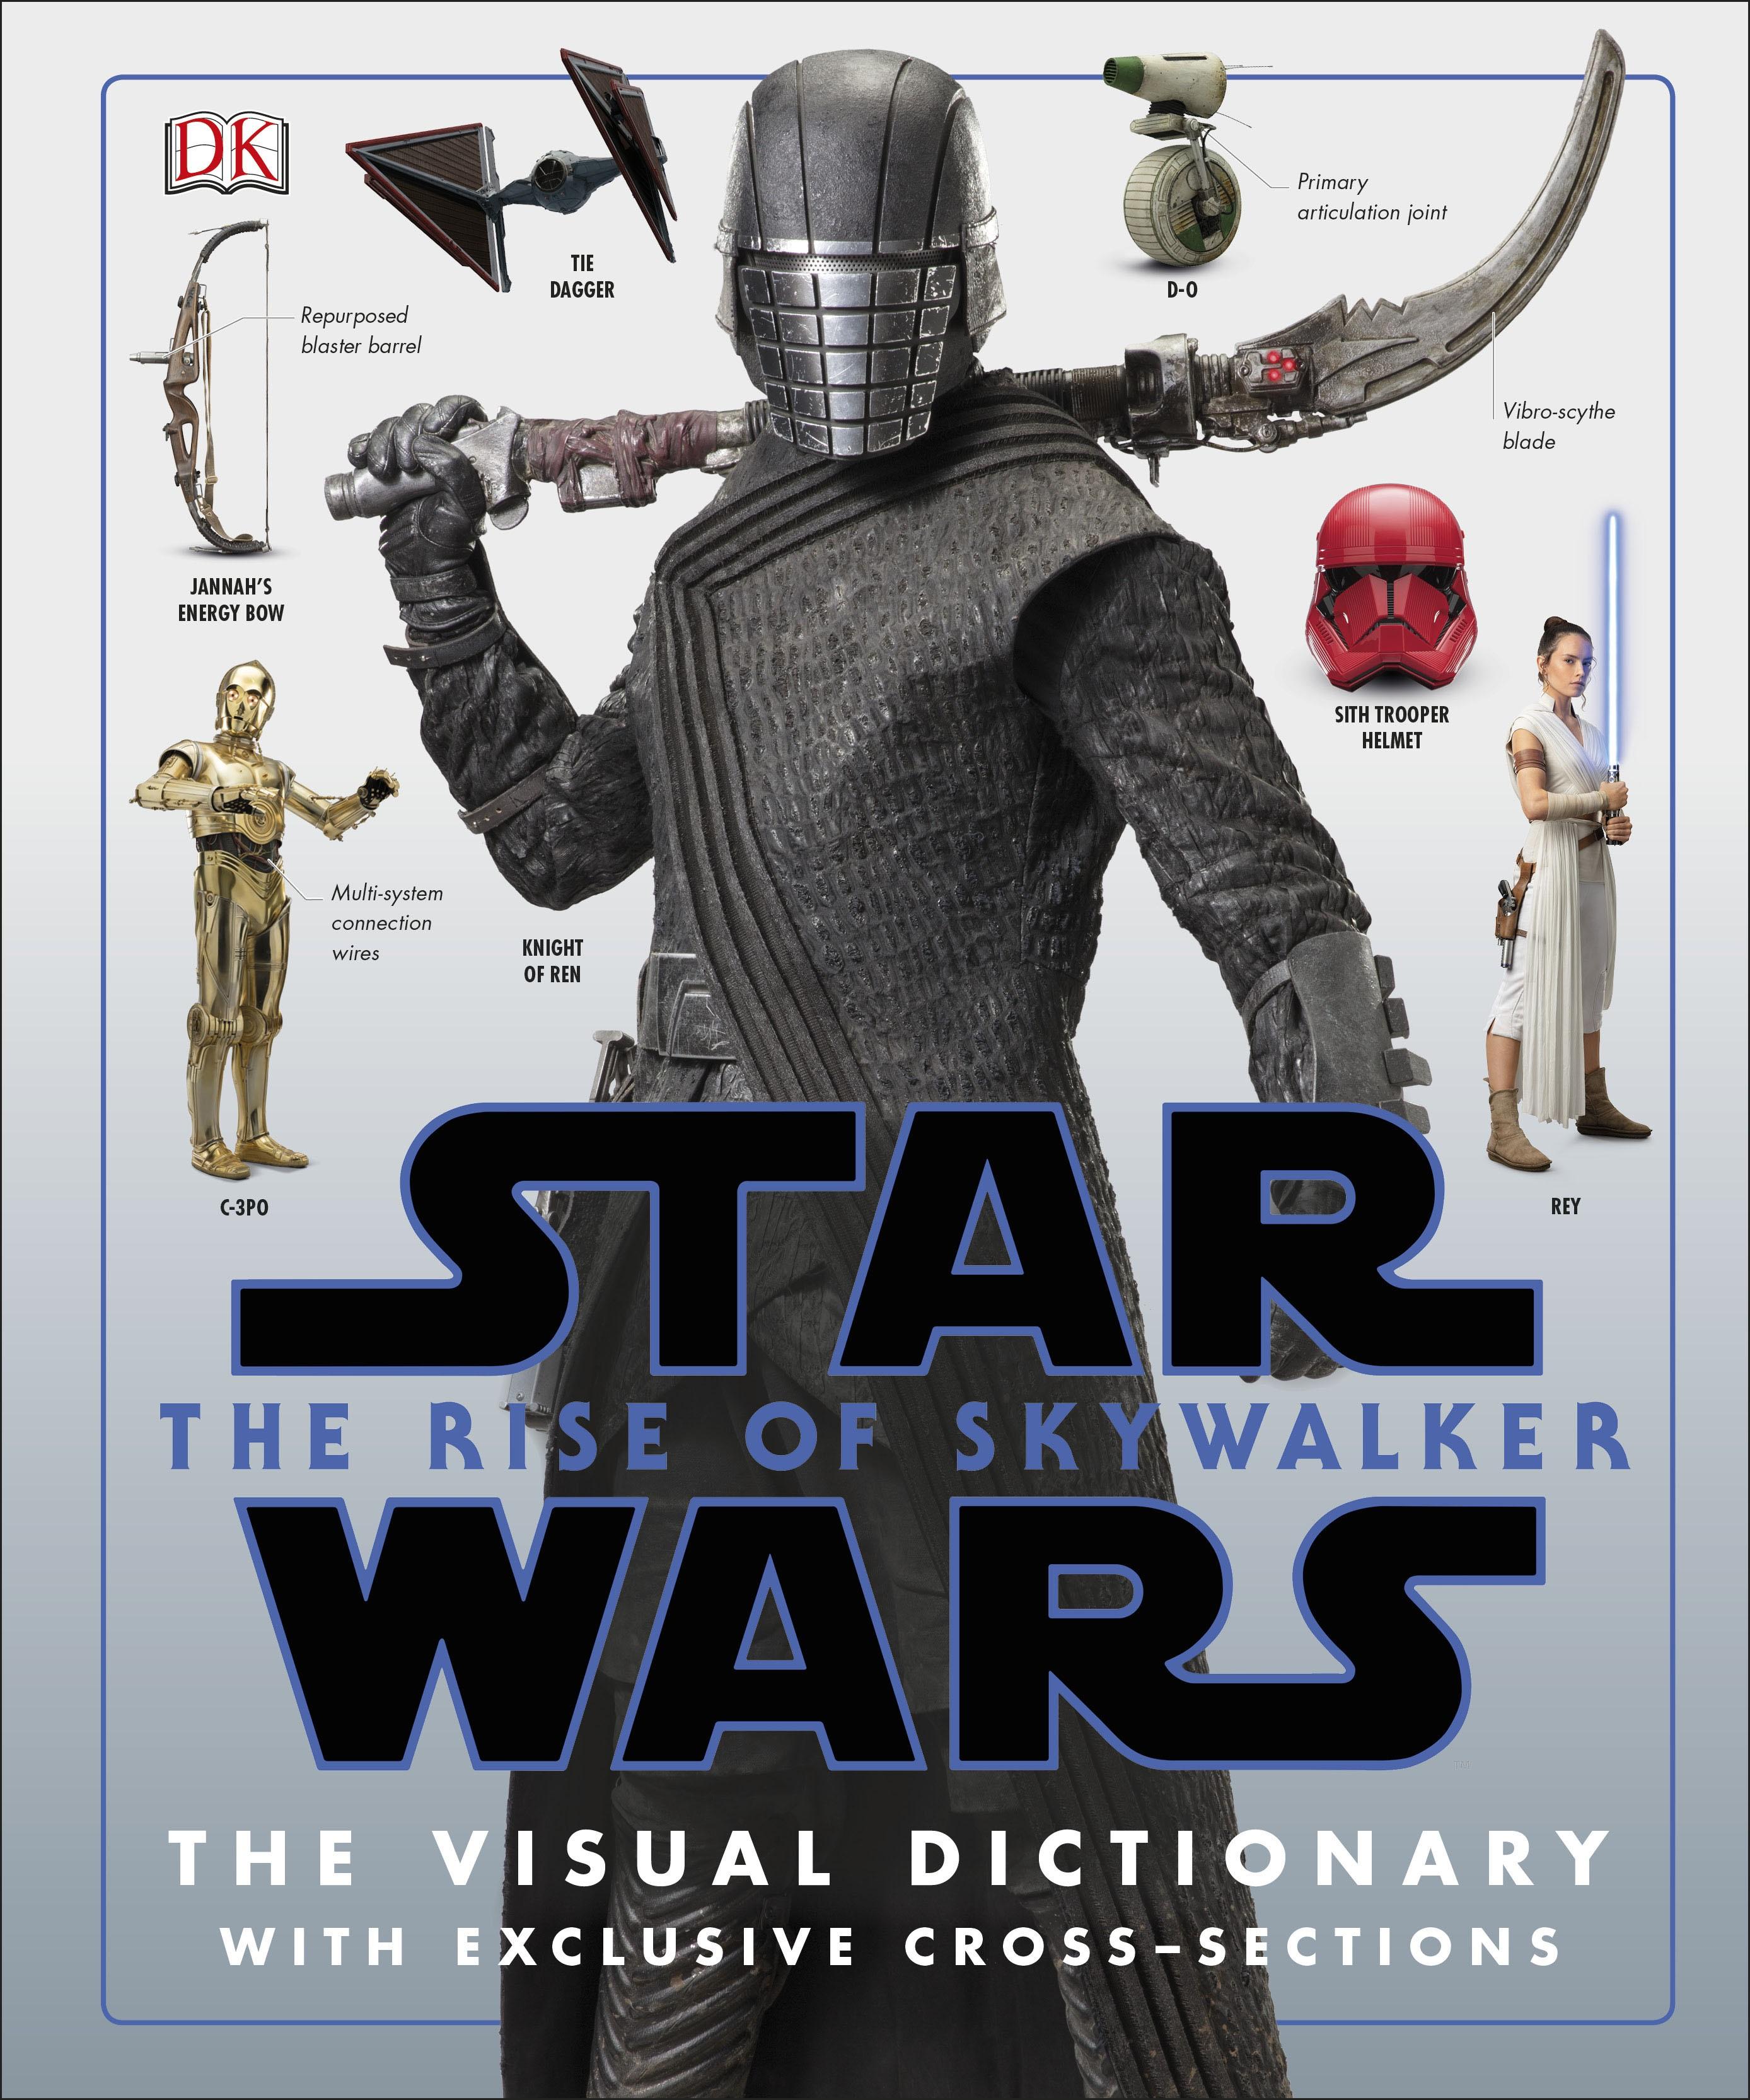 Star Wars Solo Movie Titan Action Figure Brand New Kylo Ren